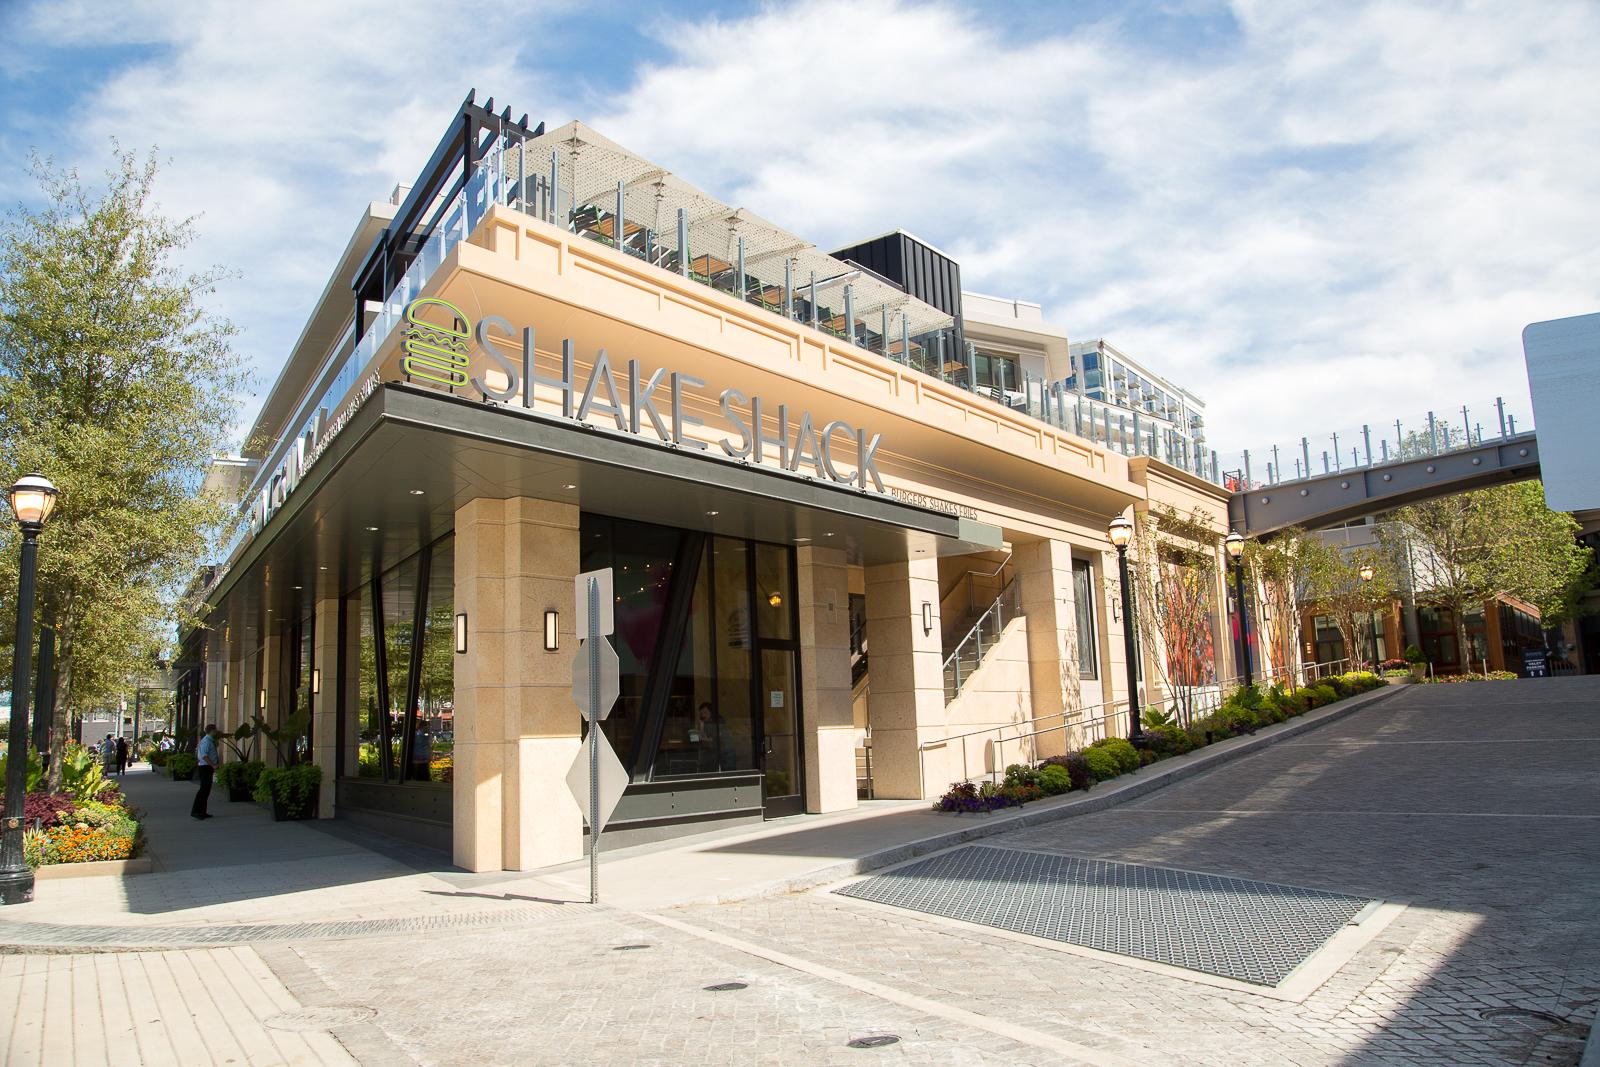 Shake Shack's Buckhead location.